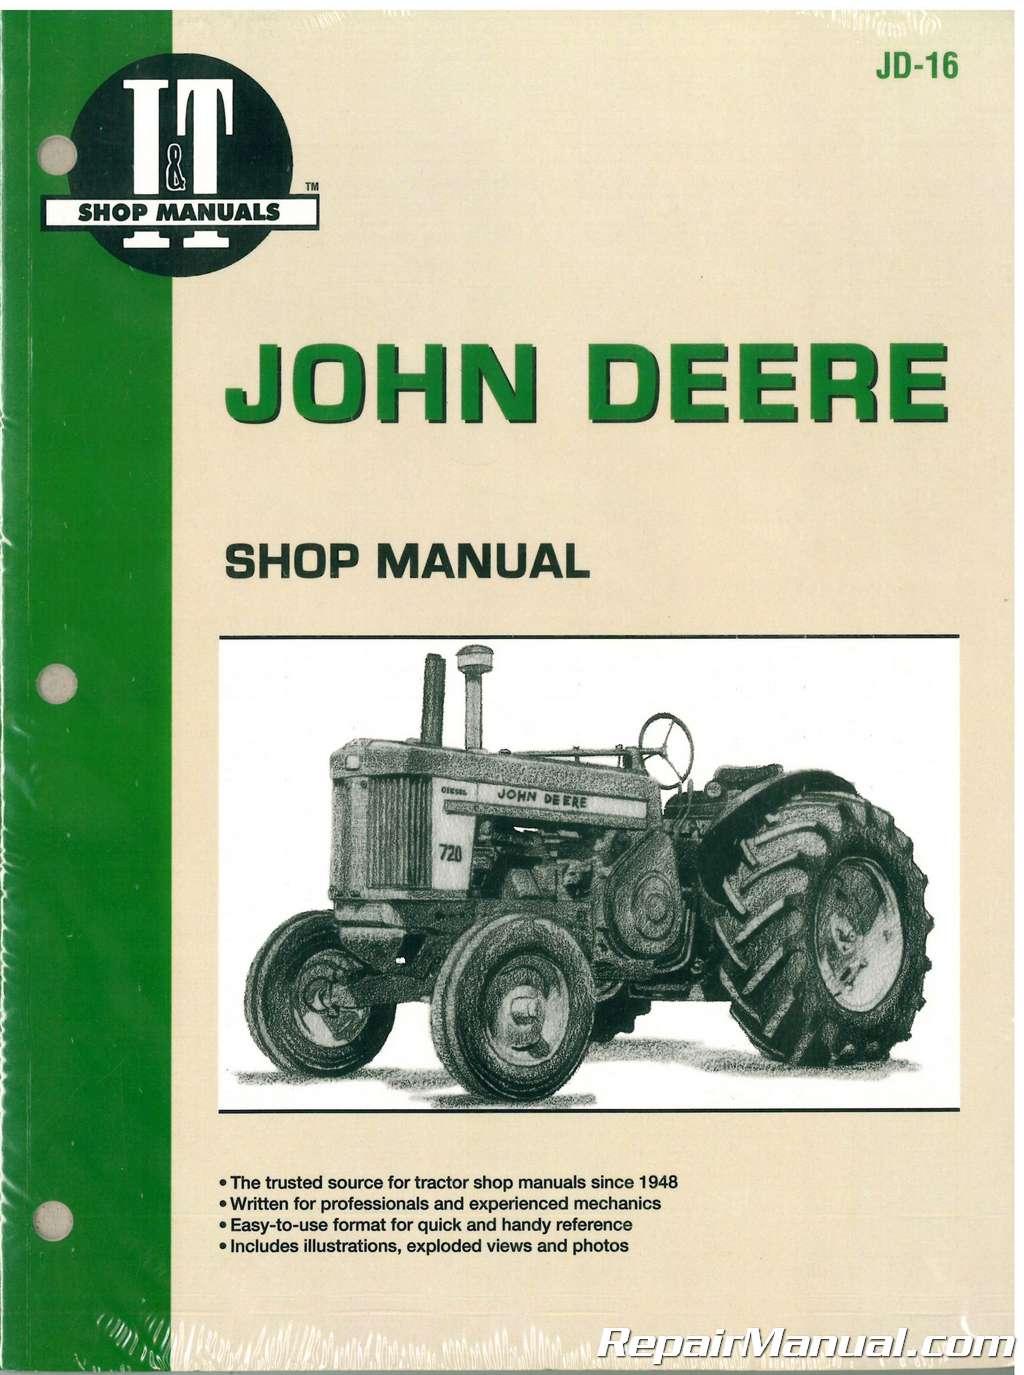 9610 john deere combine manual